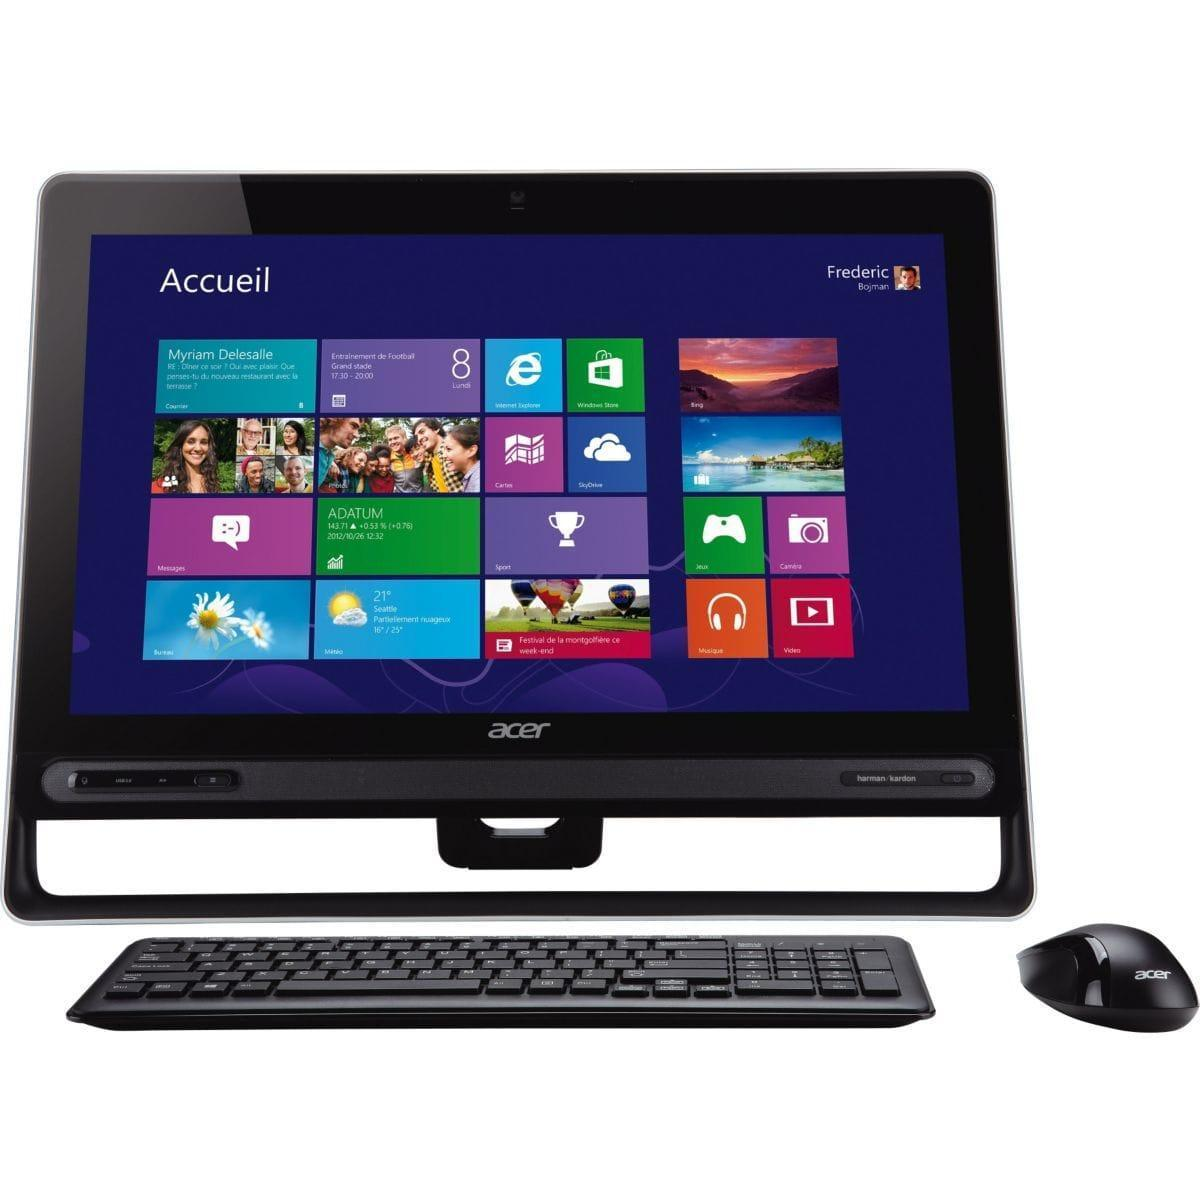 Acer Aspire Z3 - Pentium 2127U 1,9 GHz - HDD 1024 Go - RAM 4 Go